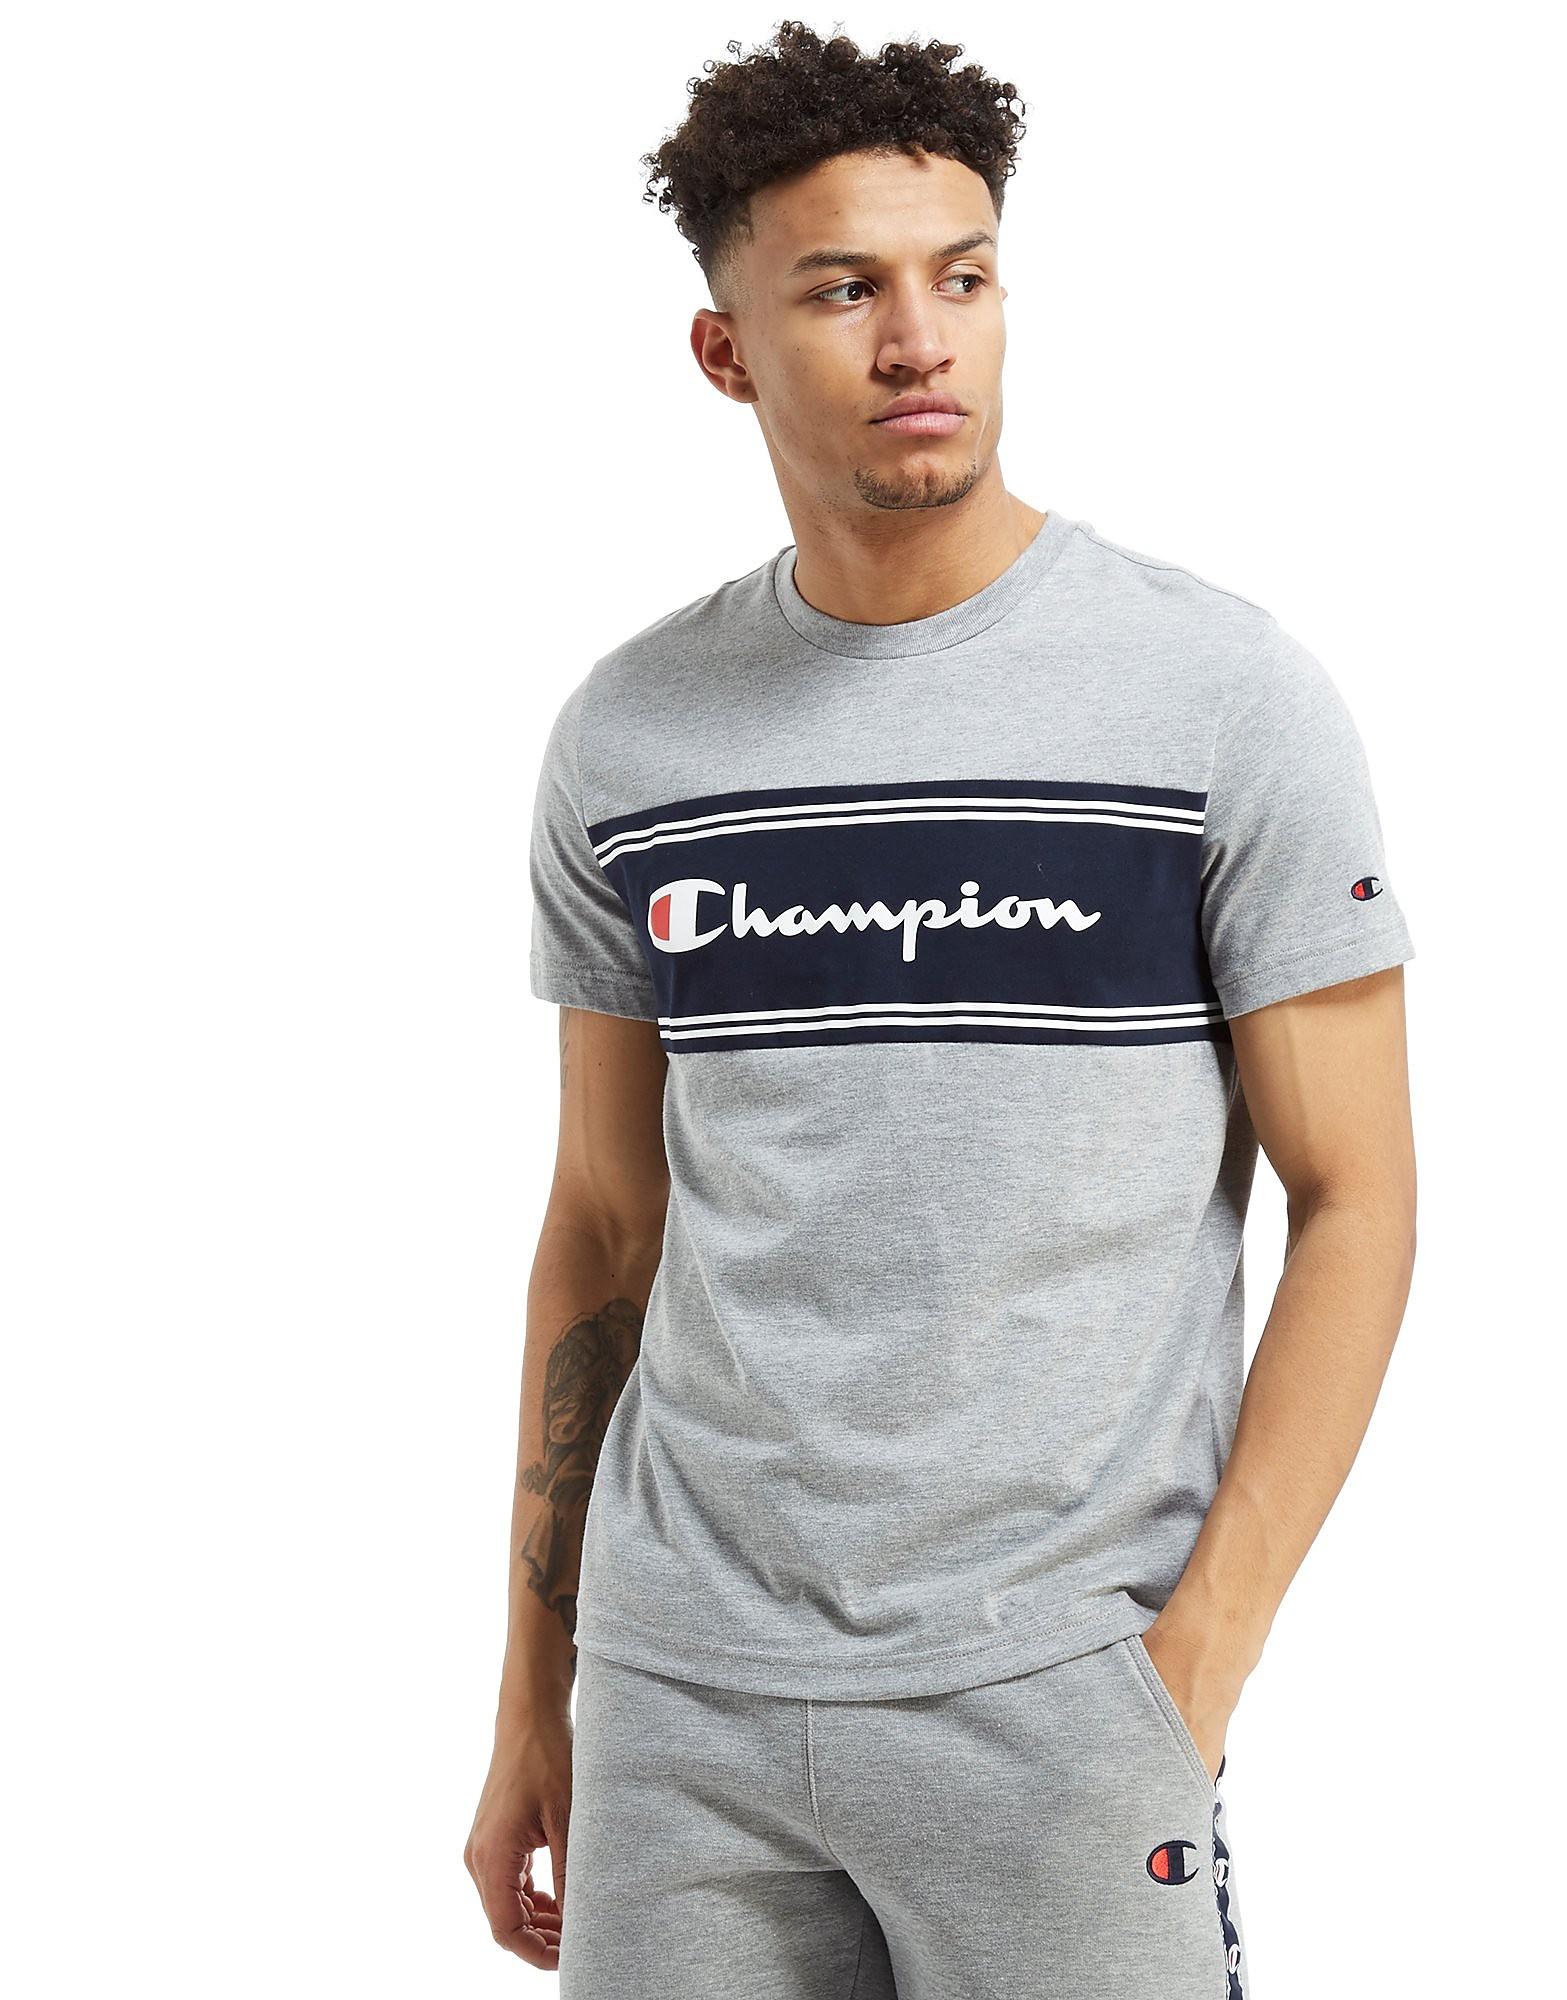 Champion Colourblock T-Shirt - Only at JD - Grey/Navy - Mens, Grey/Navy